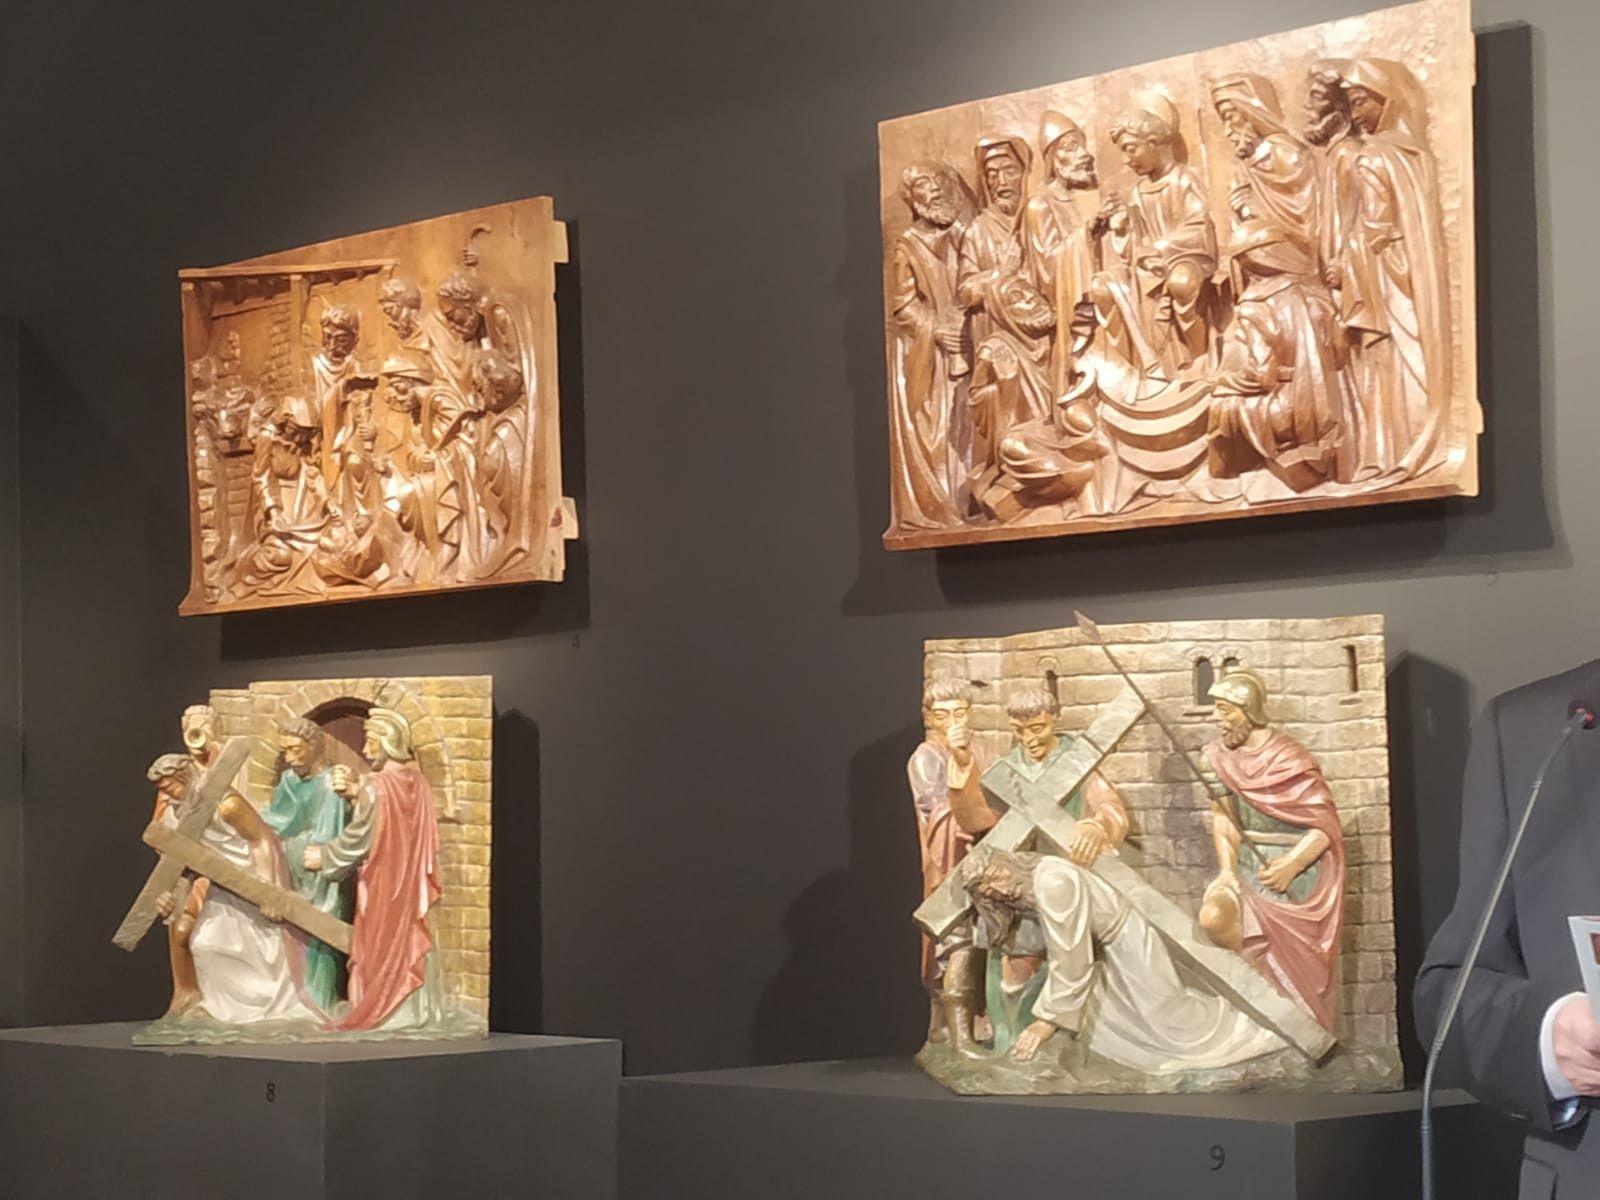 Exposicion hipolito perez calvo museo diocesano (2)